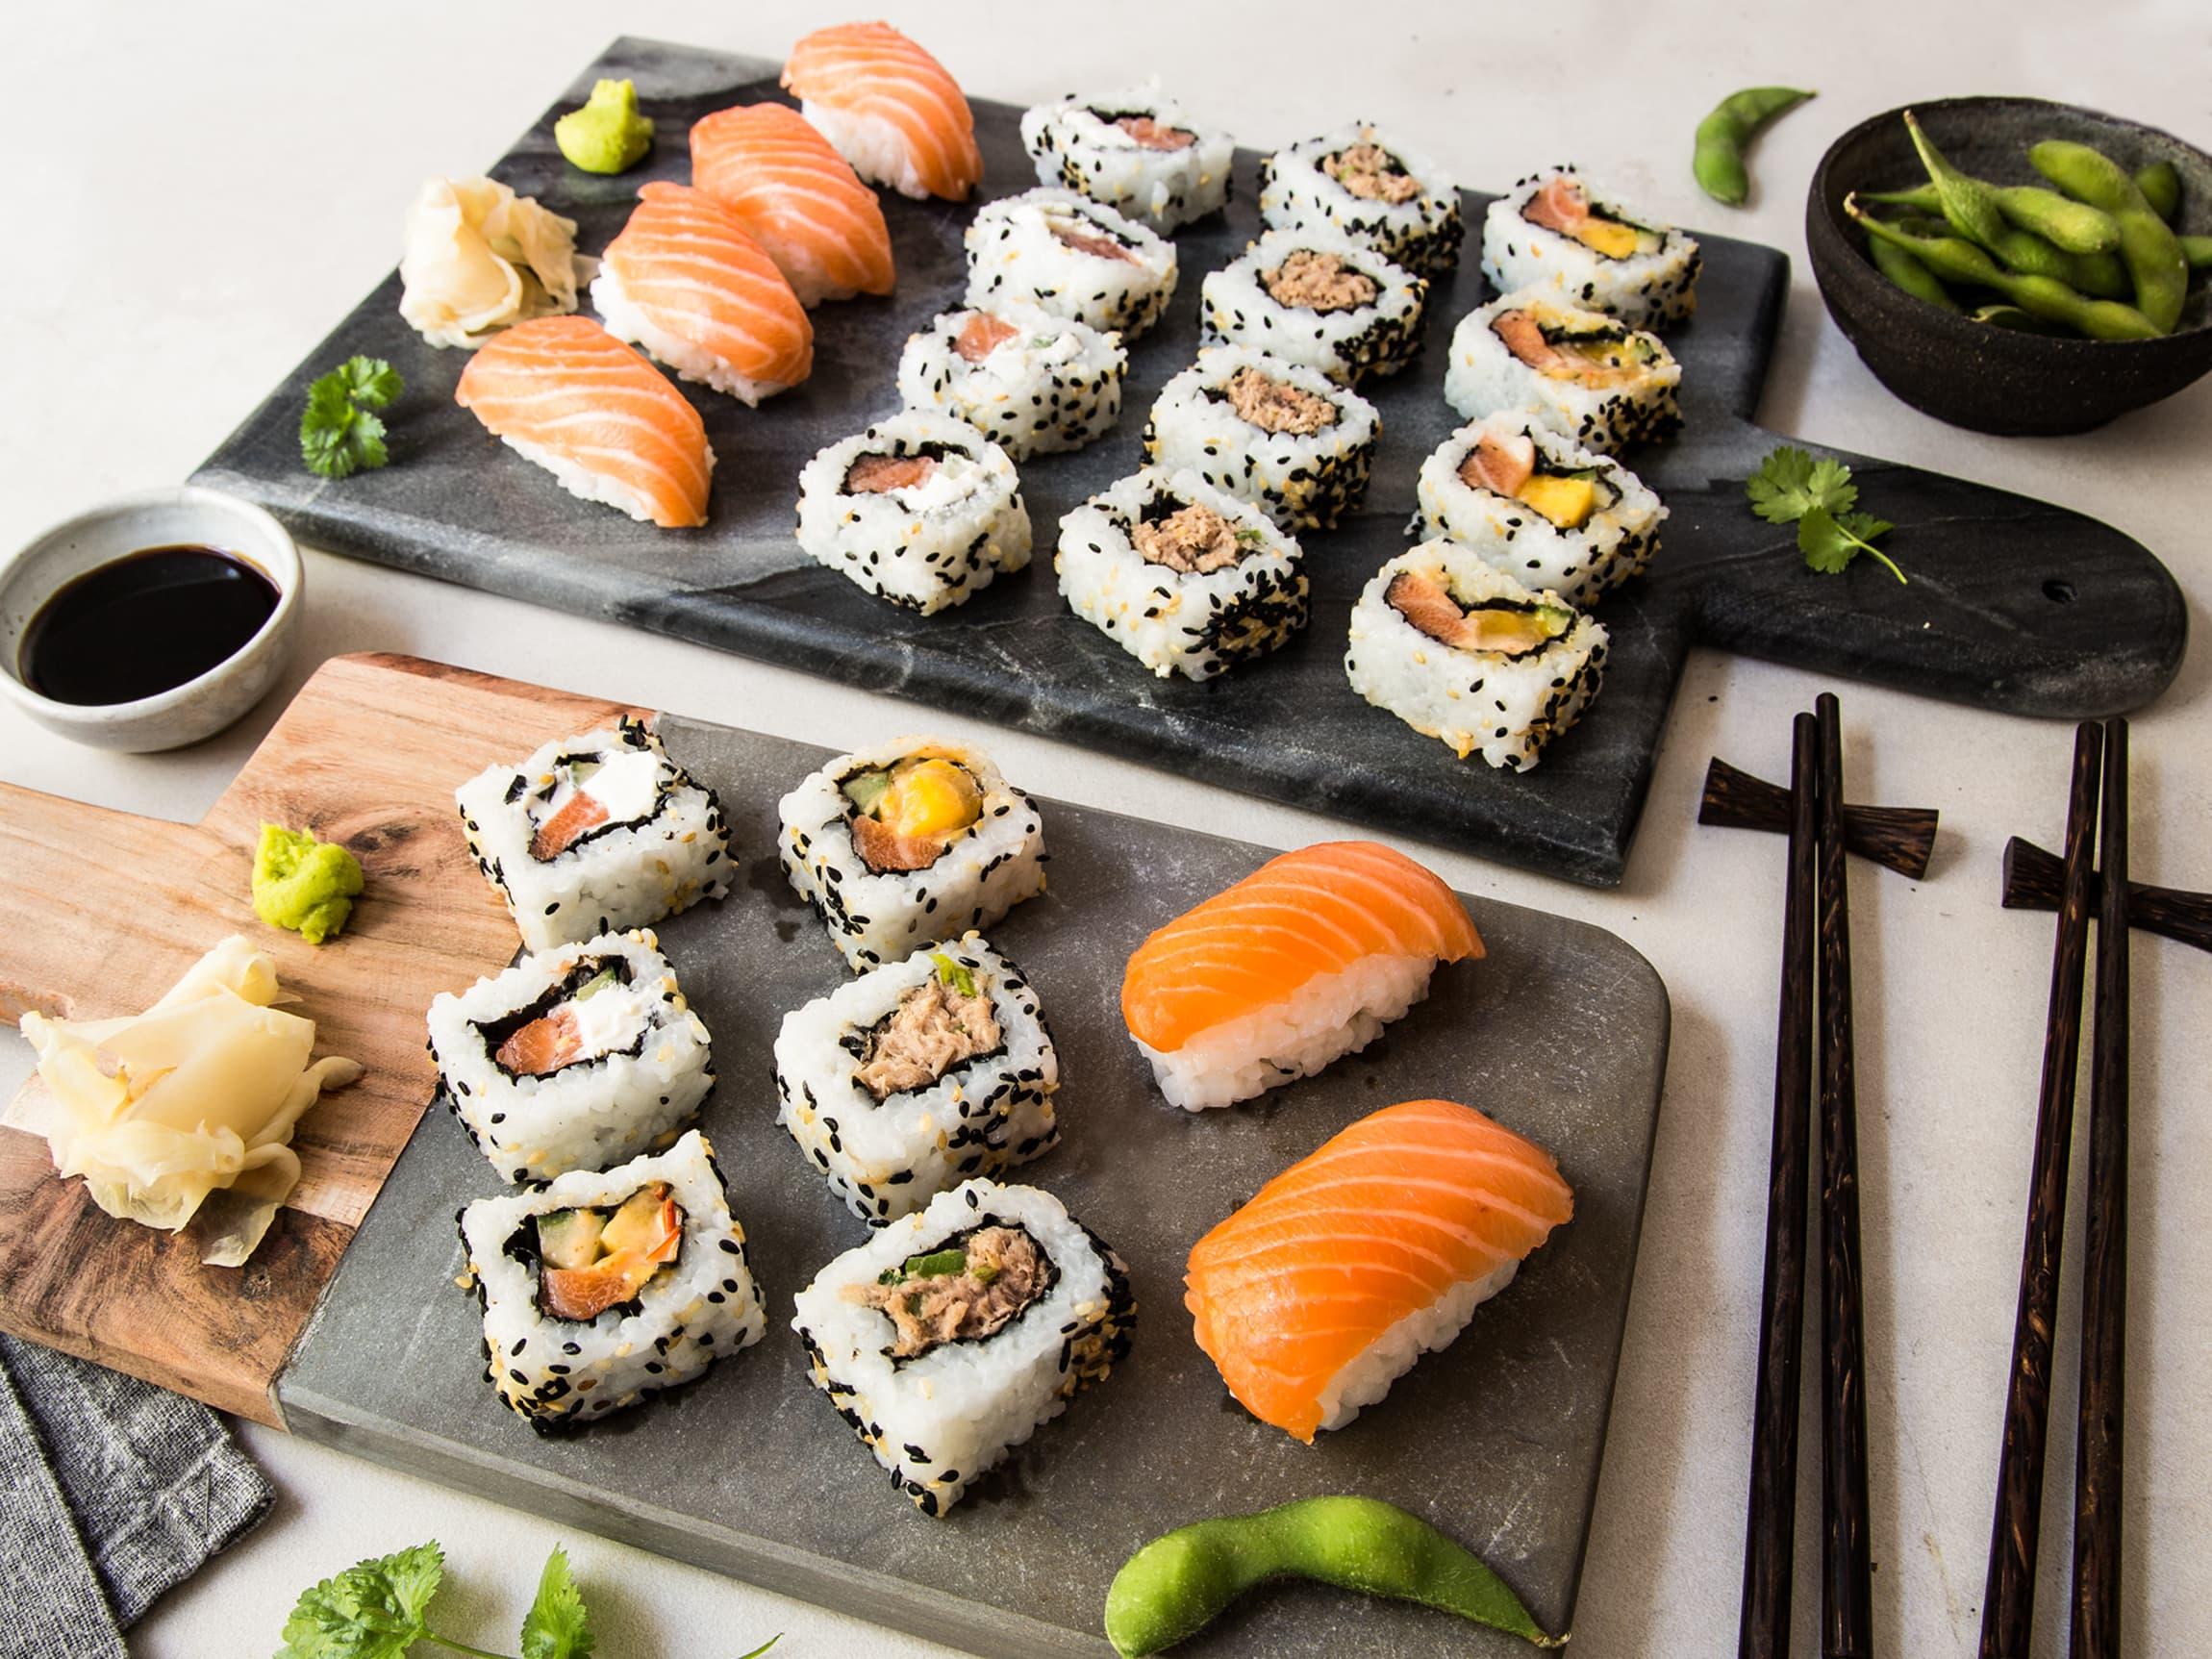 Man finner ofte sine egne favorittbiter og kombinasjoner. Nigiri, maki og uramaki finnes i utallige varianter!